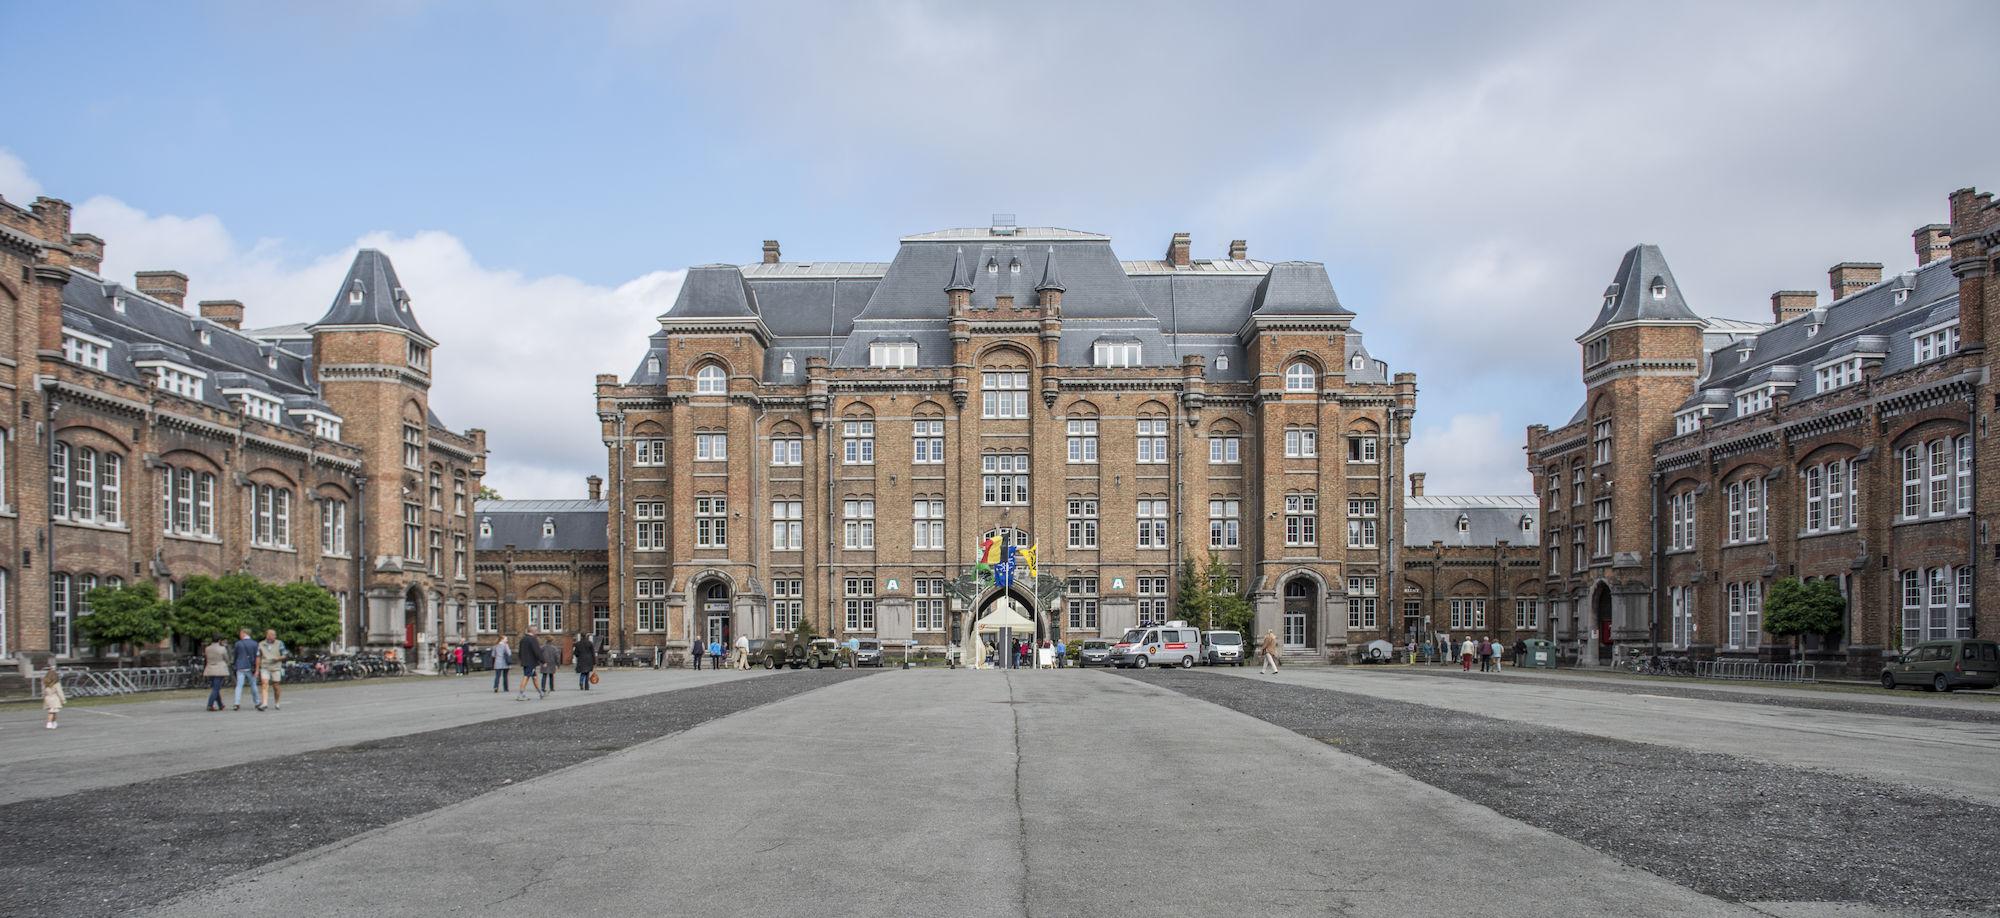 170910-Open-Monumentendag-Leopoldskazerne-65.jpg